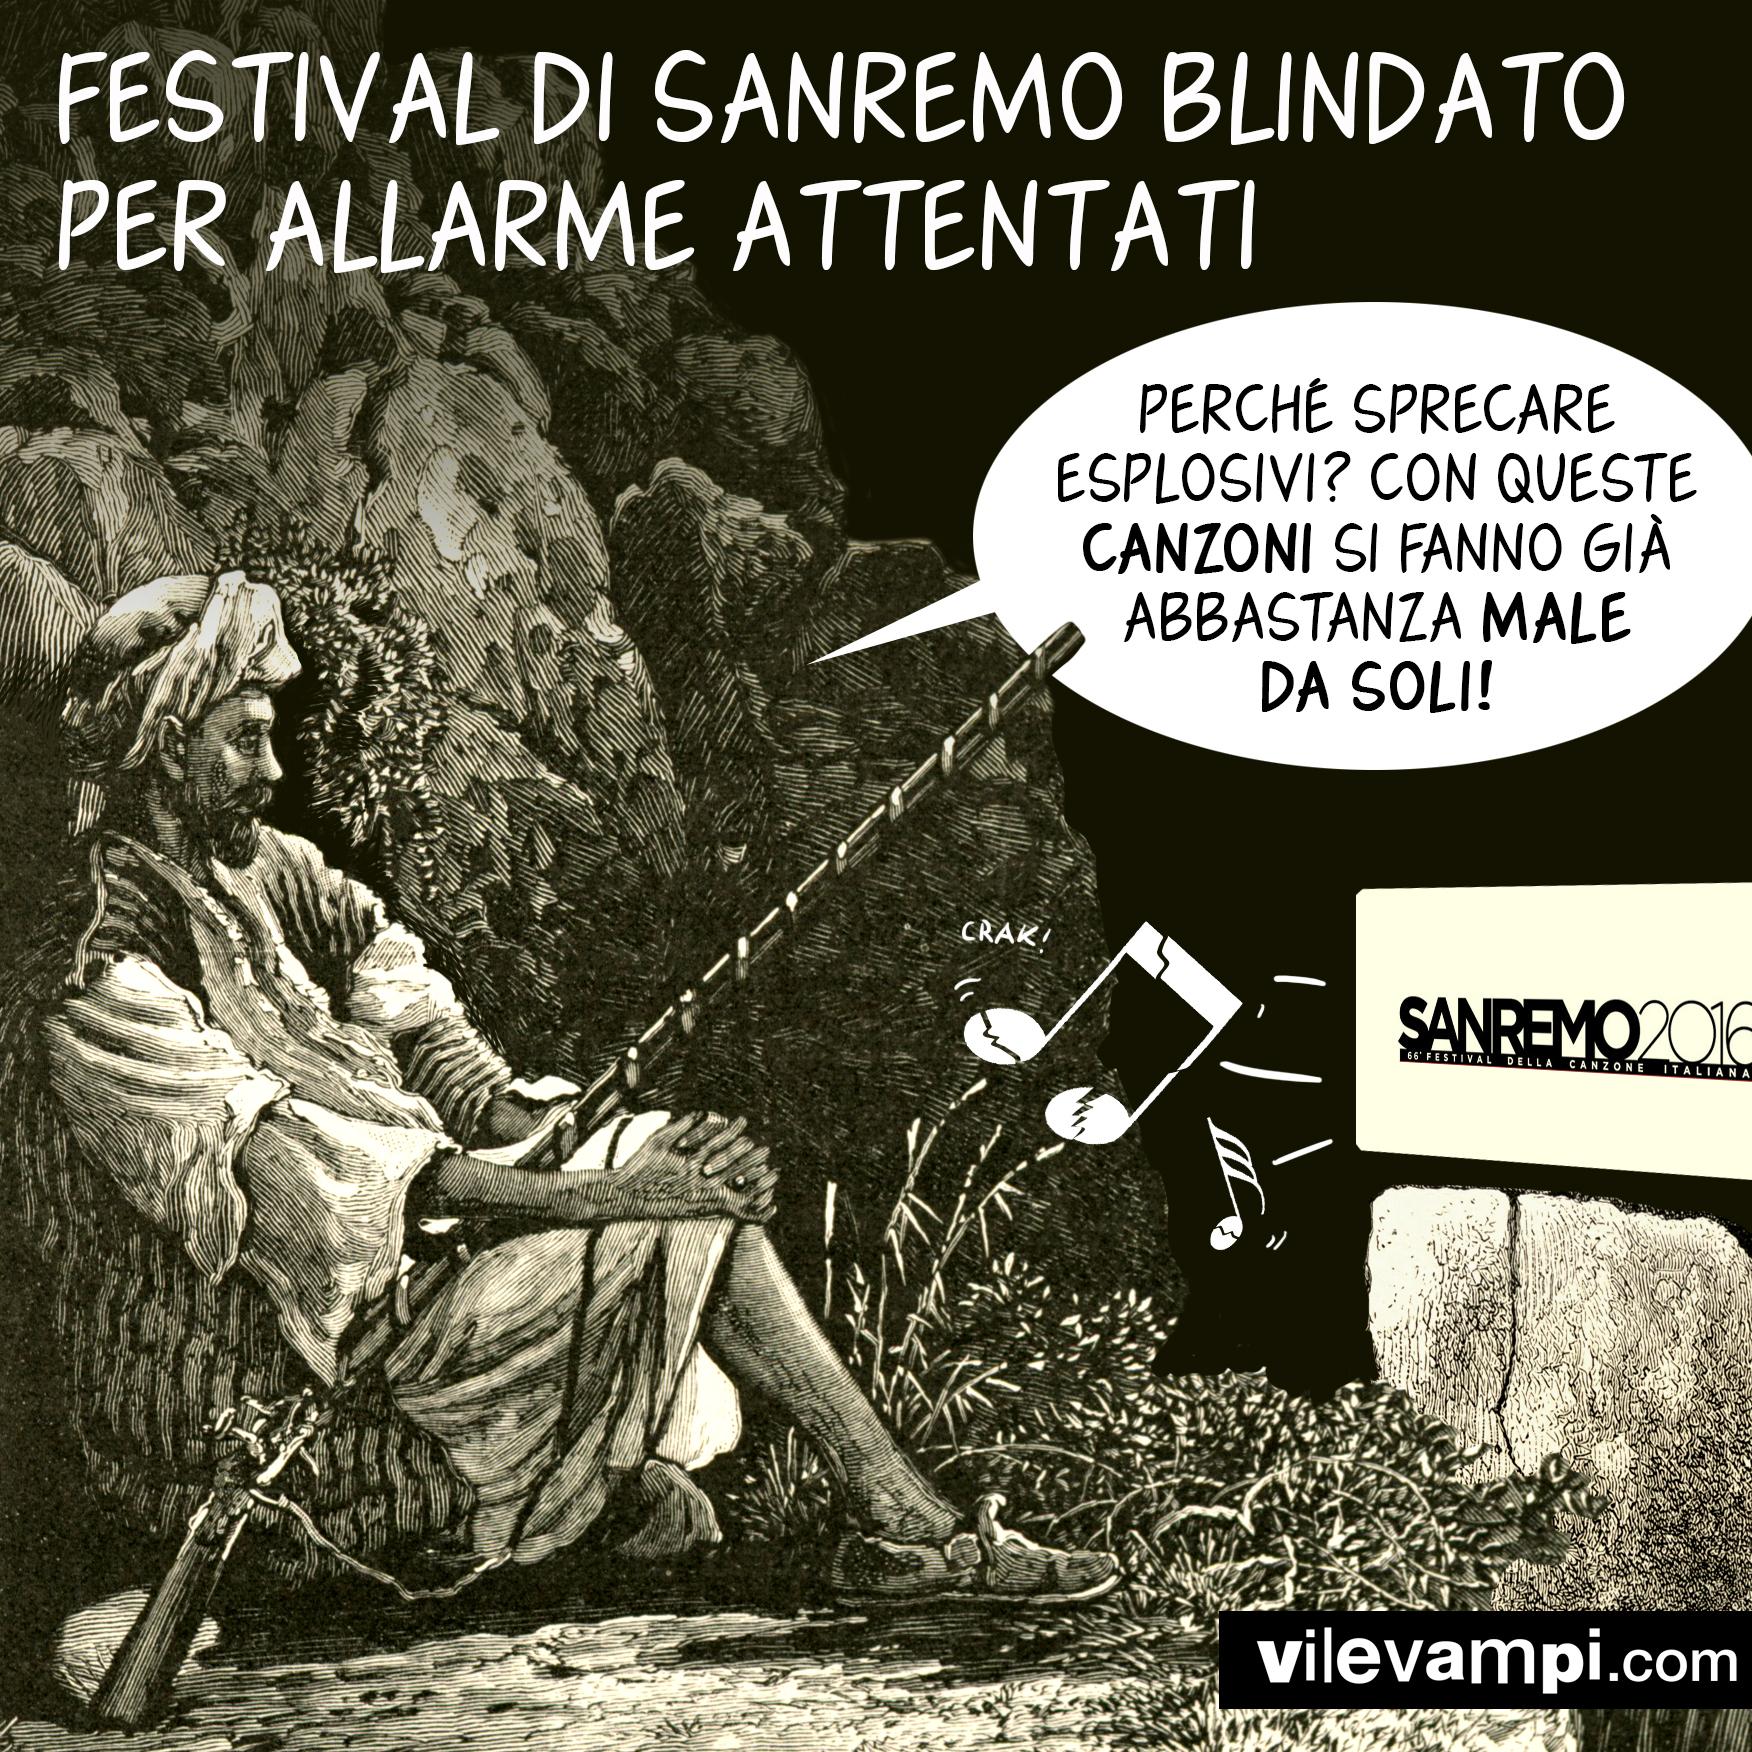 2016_Sanremo blindato